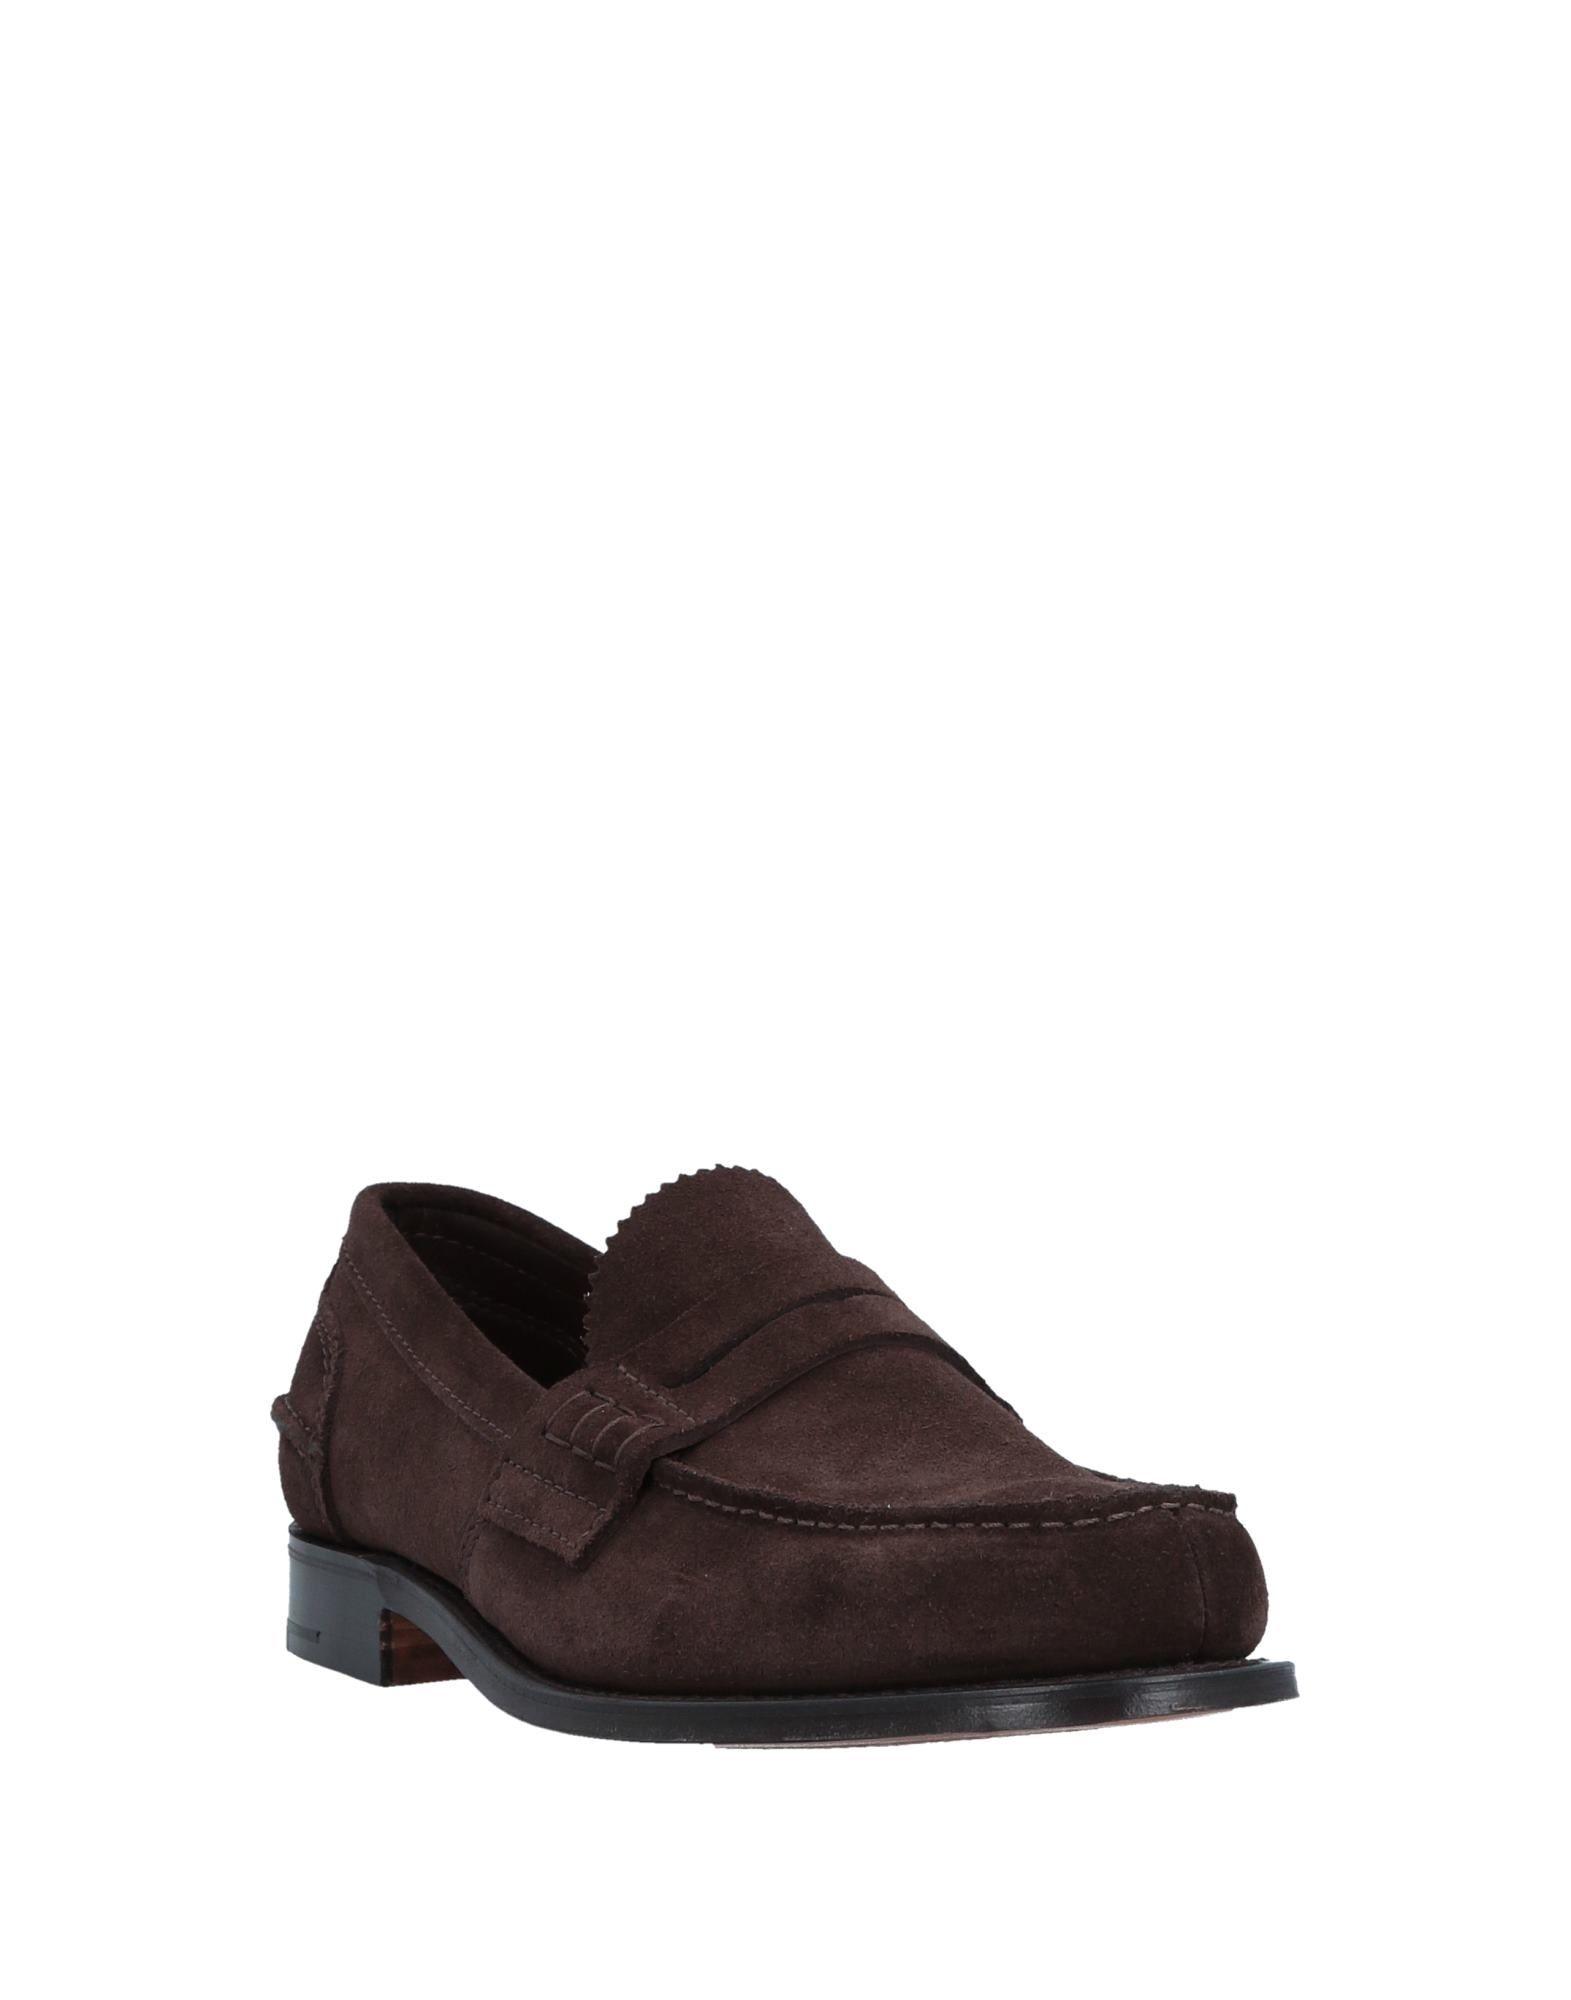 Church's Mokassins Herren beliebte  11518204FG Gute Qualität beliebte Herren Schuhe 019bcc